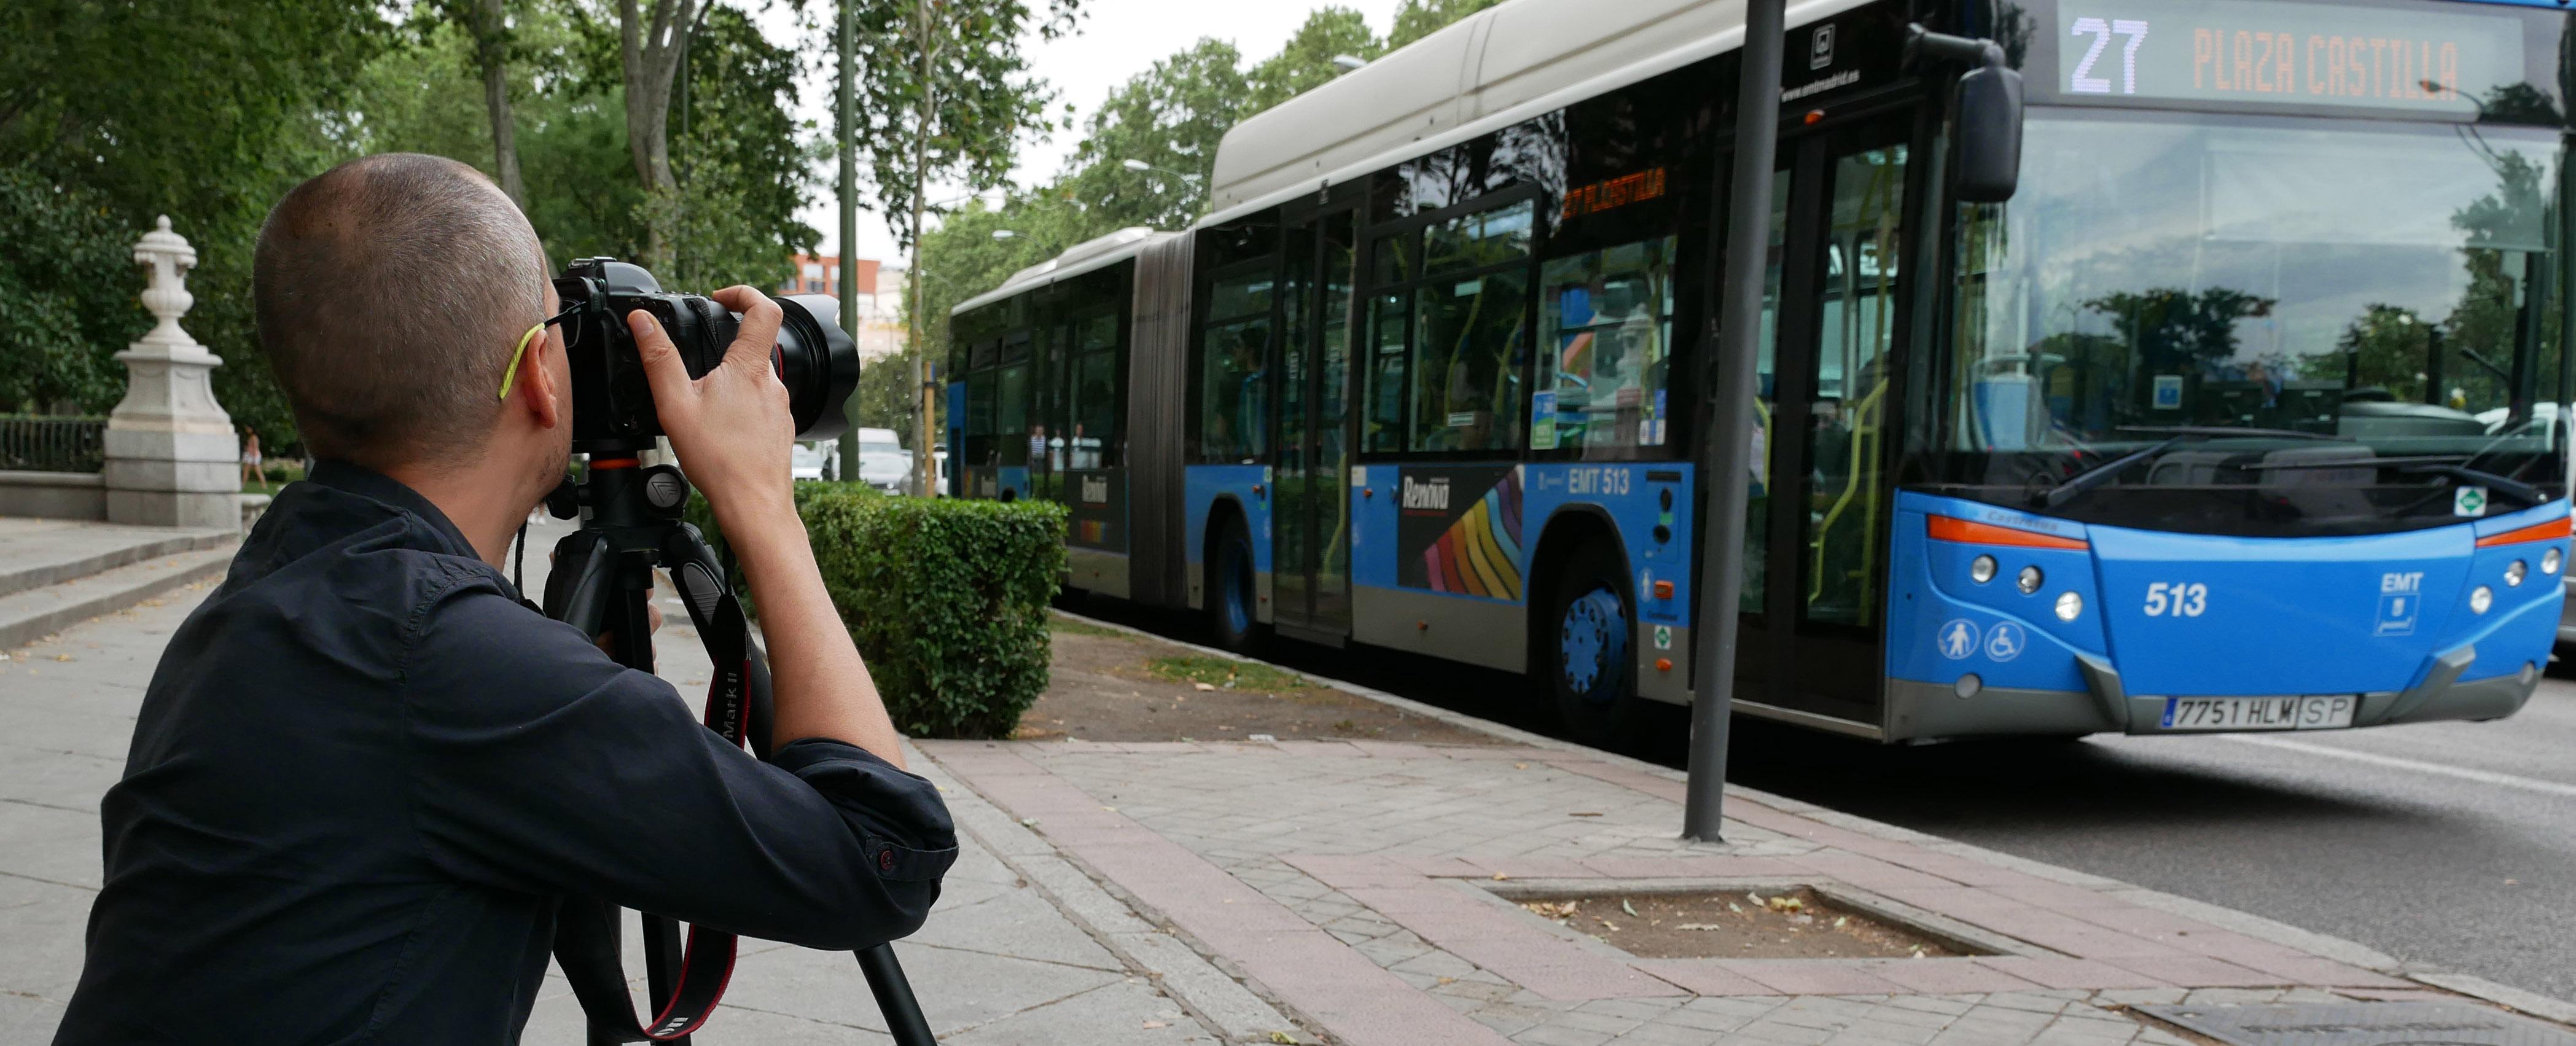 Fotógrafo enfocando un autobús de la EMT